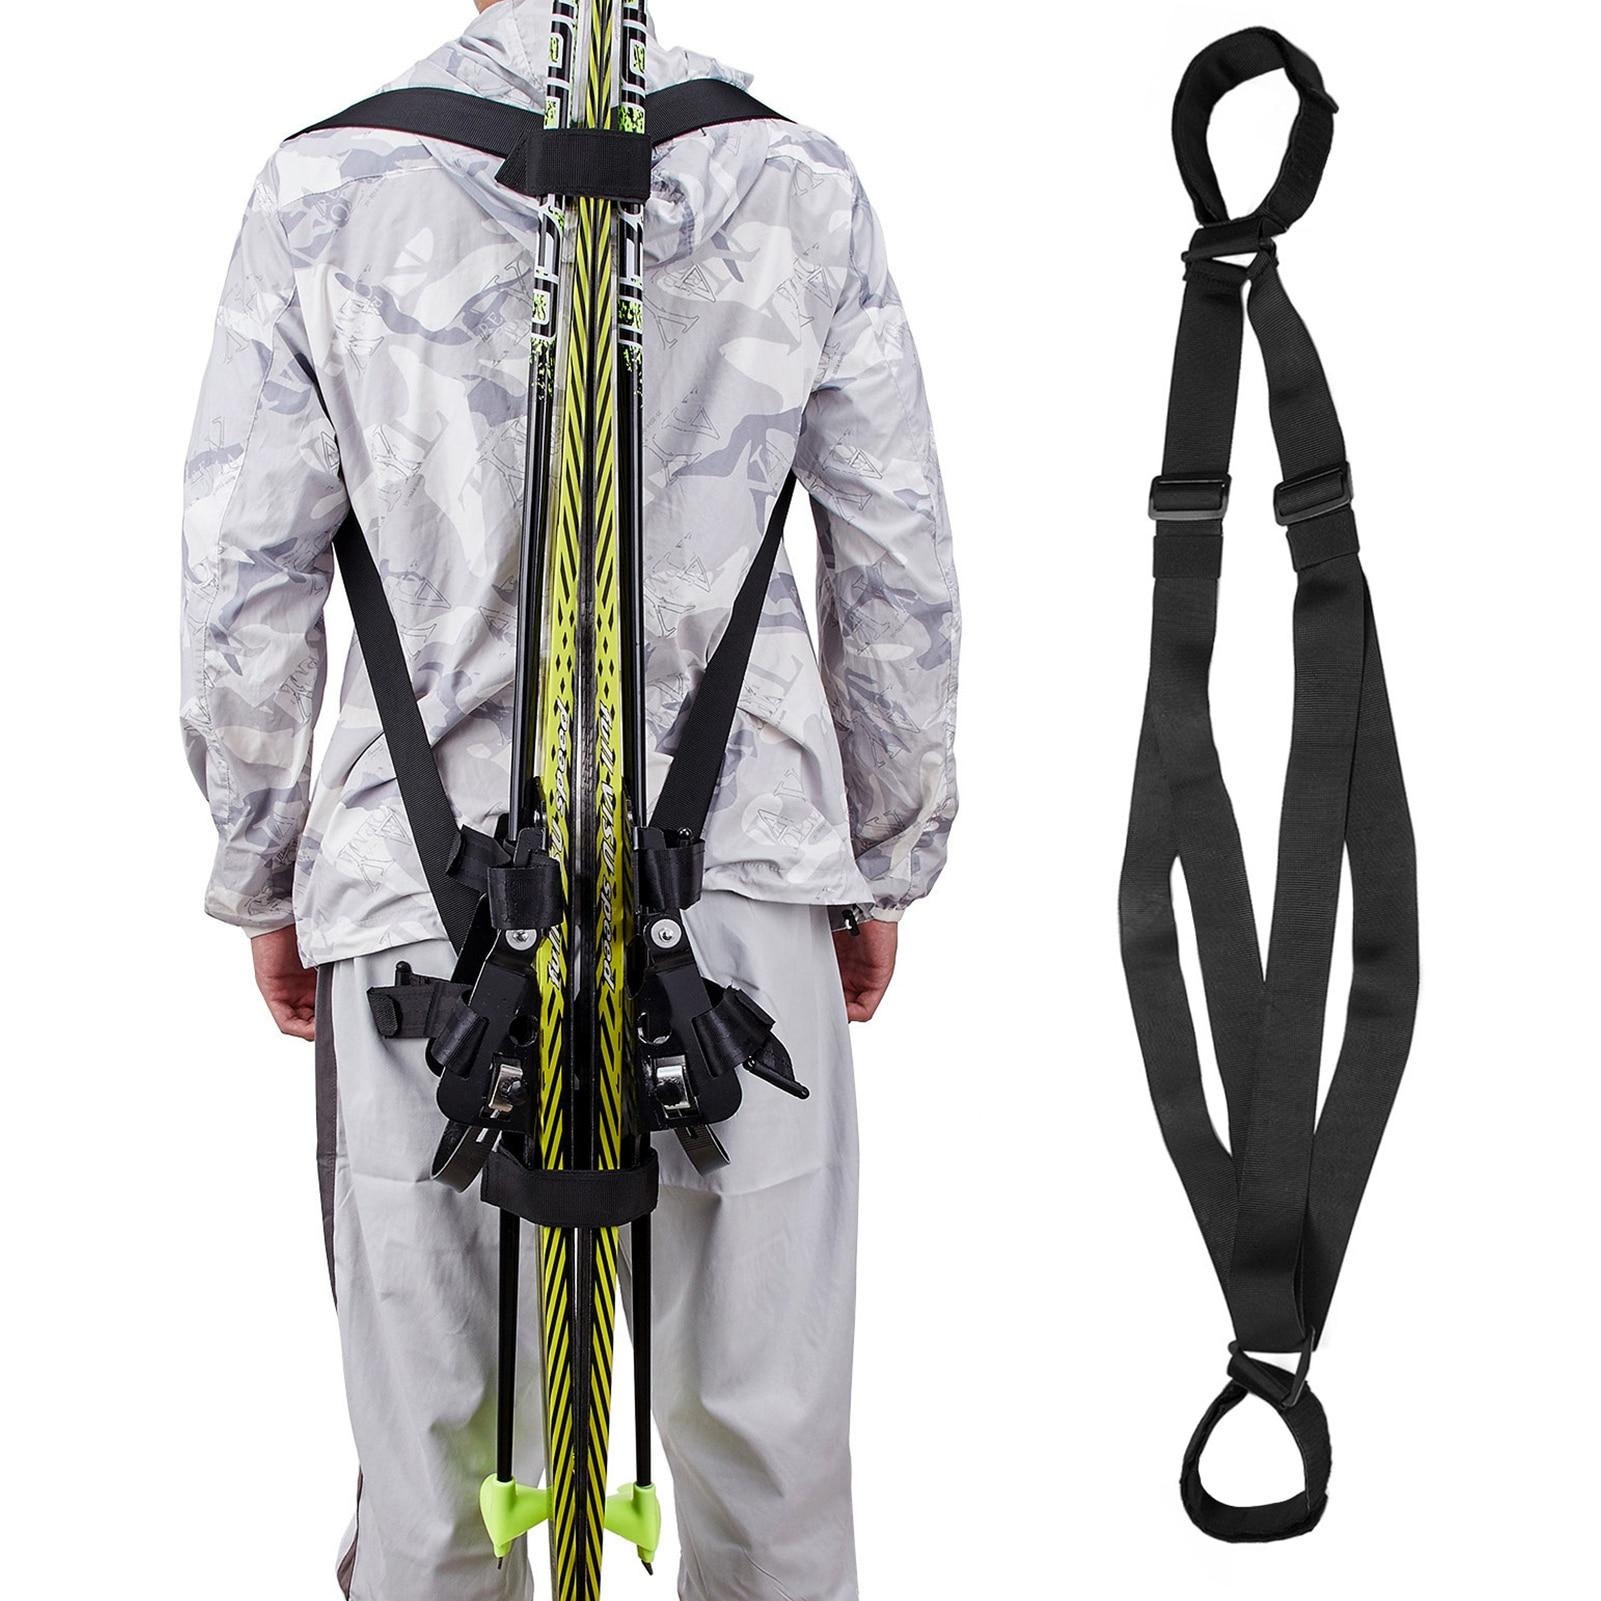 Лыжные через плечо с солнечным зарядным устройством ремня фиксированный ремень для катания на сноуборде повязки ручной регулируемый, для спорта на открытом воздухе аксессуары для лыж